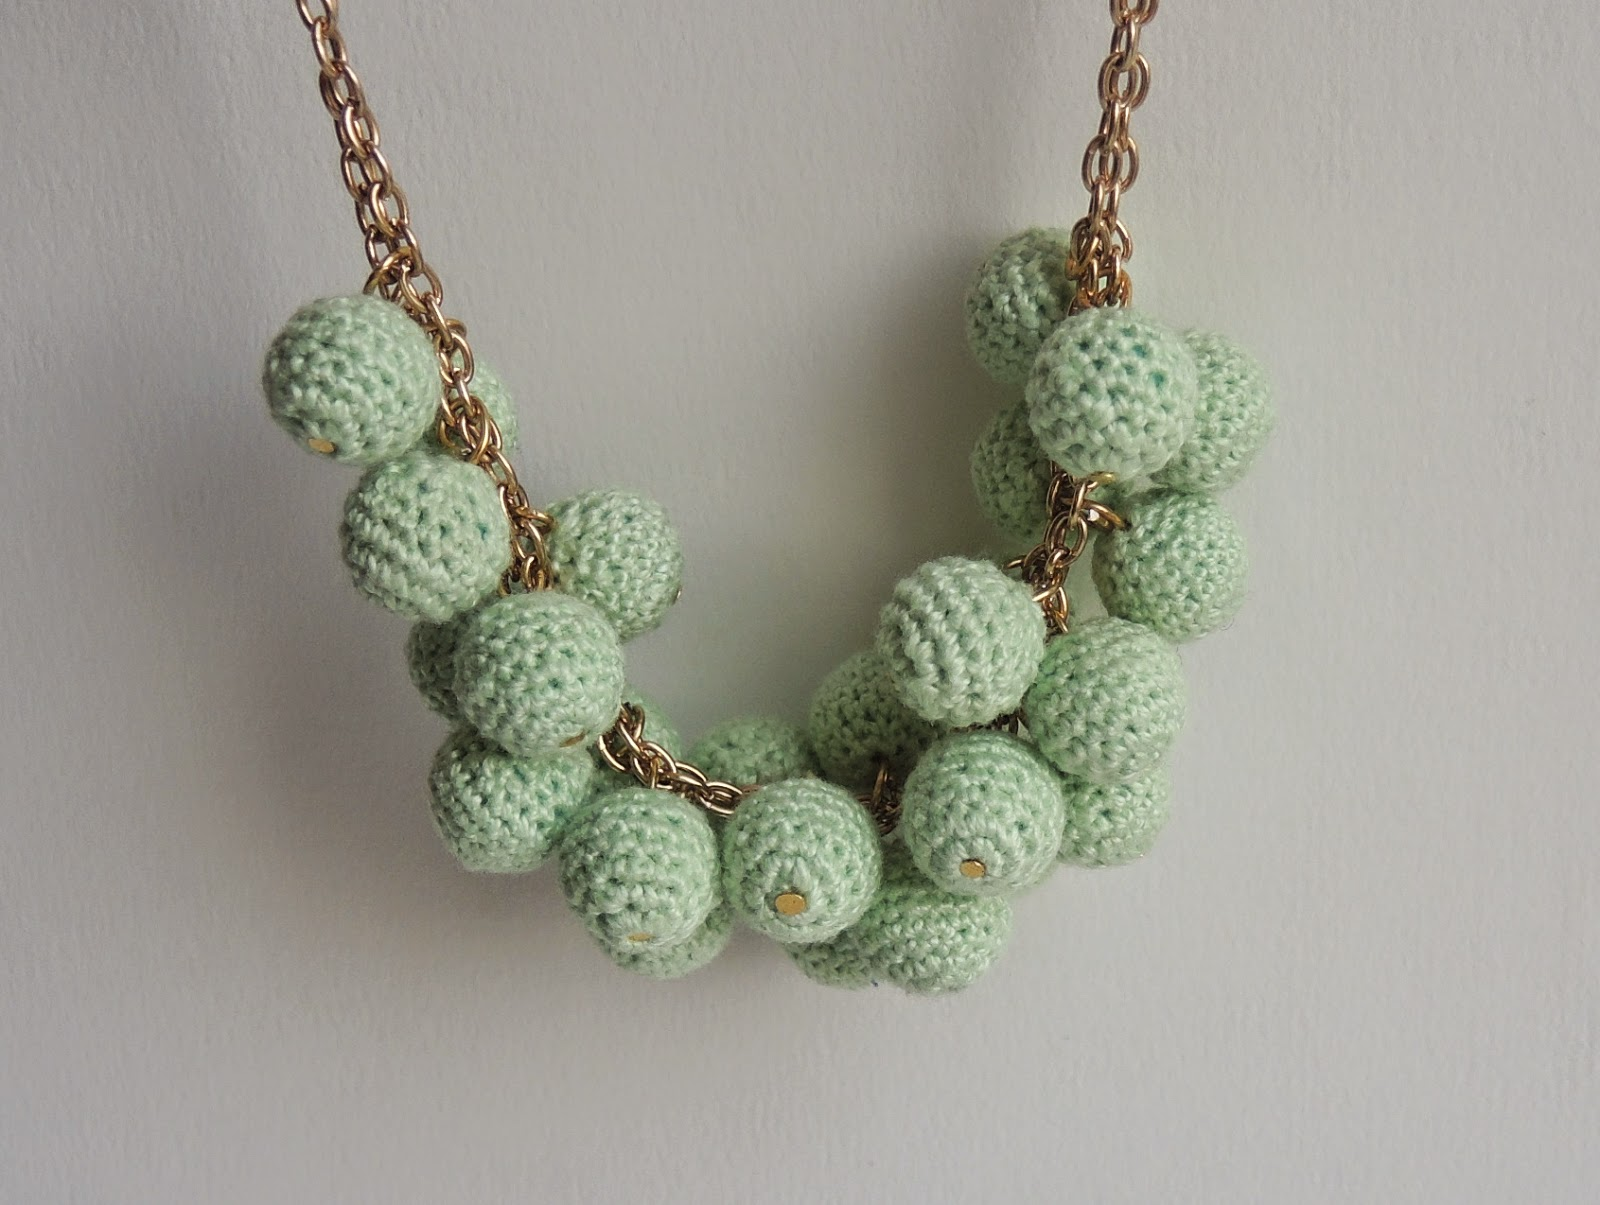 beads, jewelry.jpg, handmade, beads.jpg, jewelry, бусины крючком, обвязать крючком, как обвязать бусину, вязаные бусы, вязаные бусы крючком, вязаные бусы своими руками, бусы своими руками, вязаные крючком, связано крючком, украшение, украшения своими руками, цепочка, бусины на цепочке, как сделать бусы, бусы мастер класс, бусинки фурнитура, салатовый